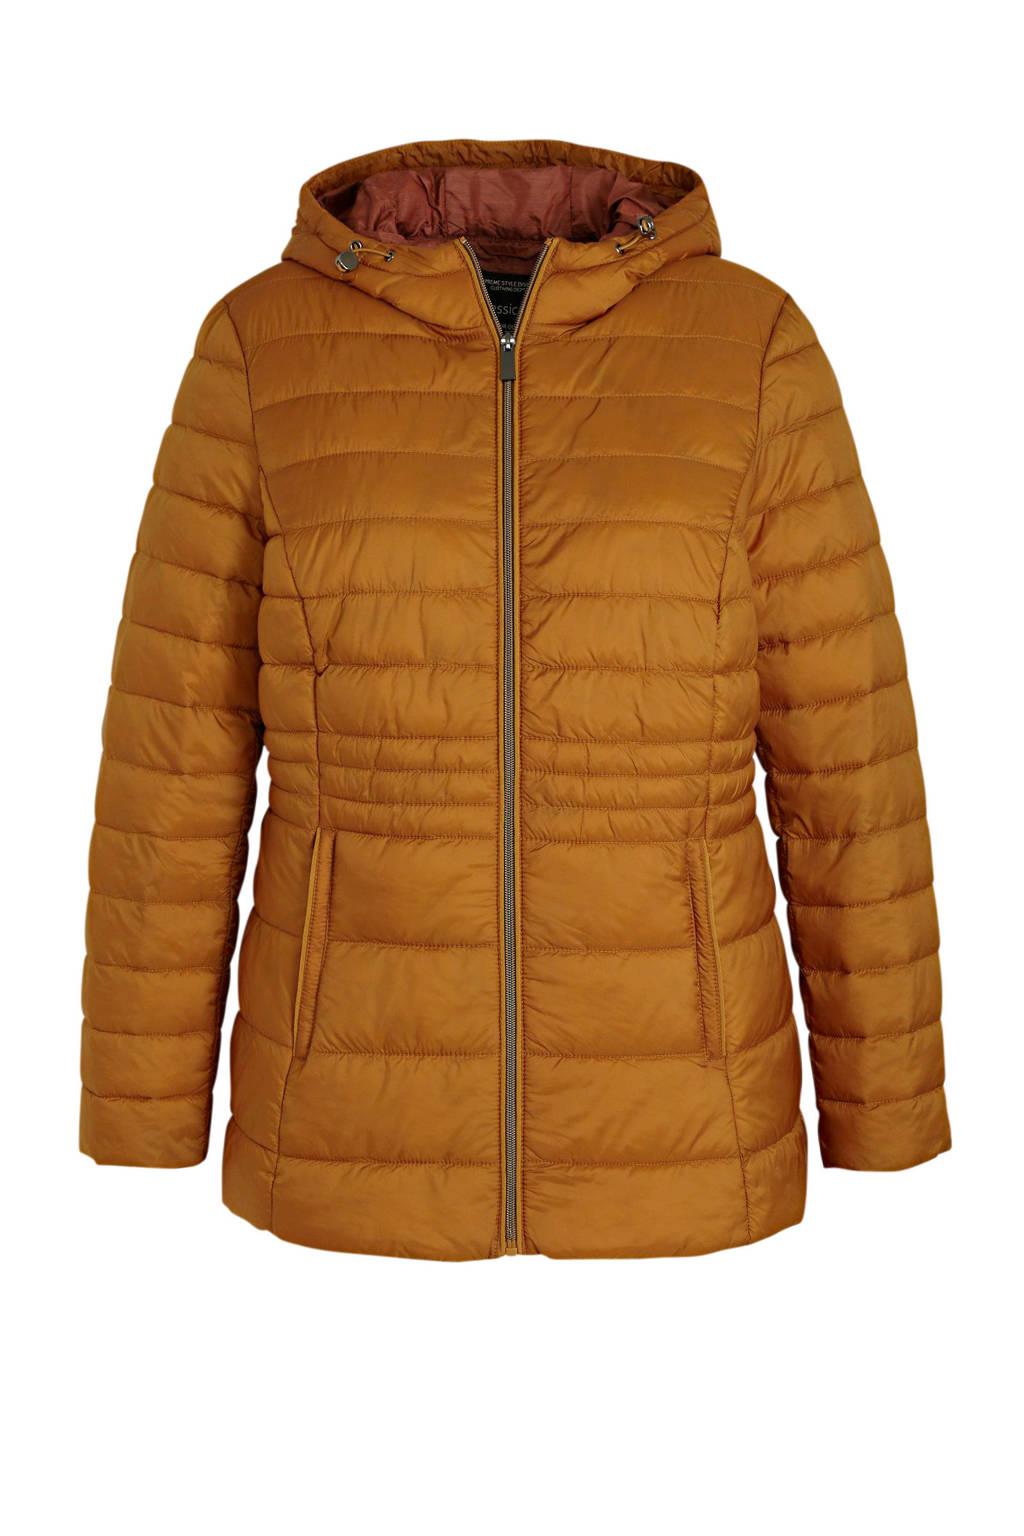 C&A XL Yessica gewatteerde jas camel, Camel